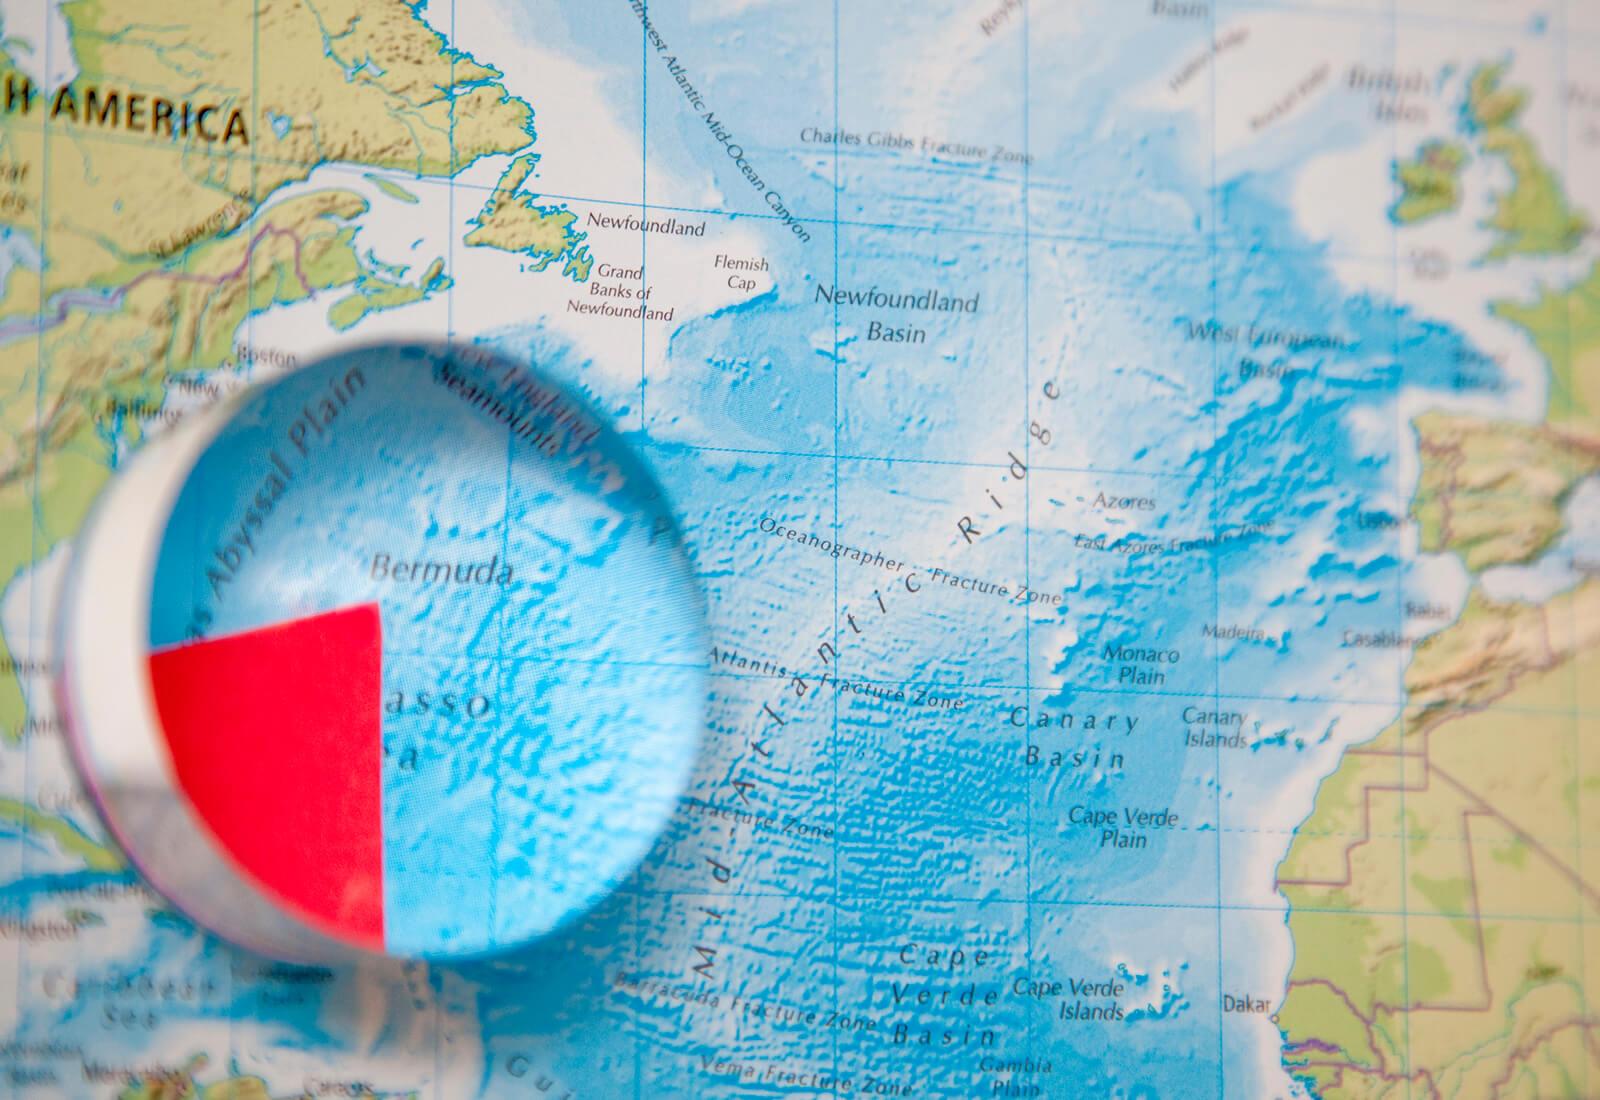 1-bermuda-triangle-stories-gallery.jpg